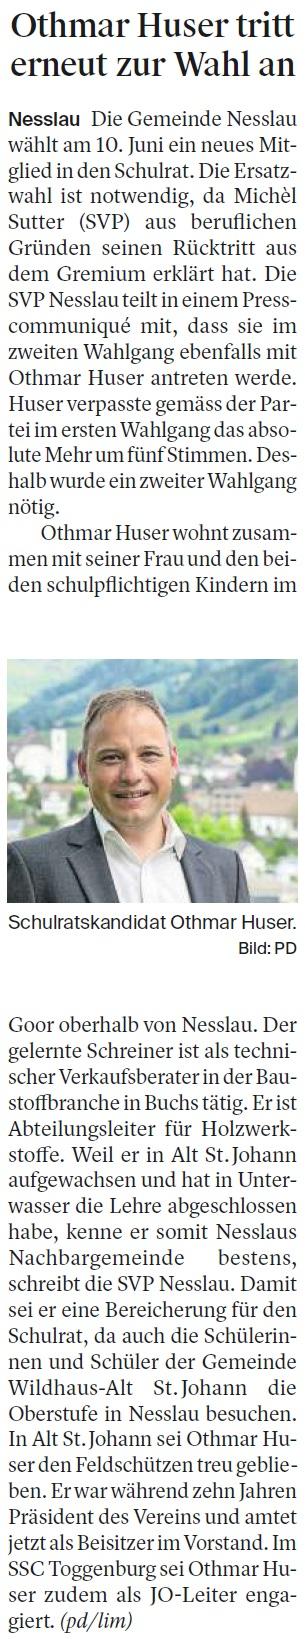 Othmar Huser tritt erneut zur Wahl an (Dienstag, 15.05.2018)